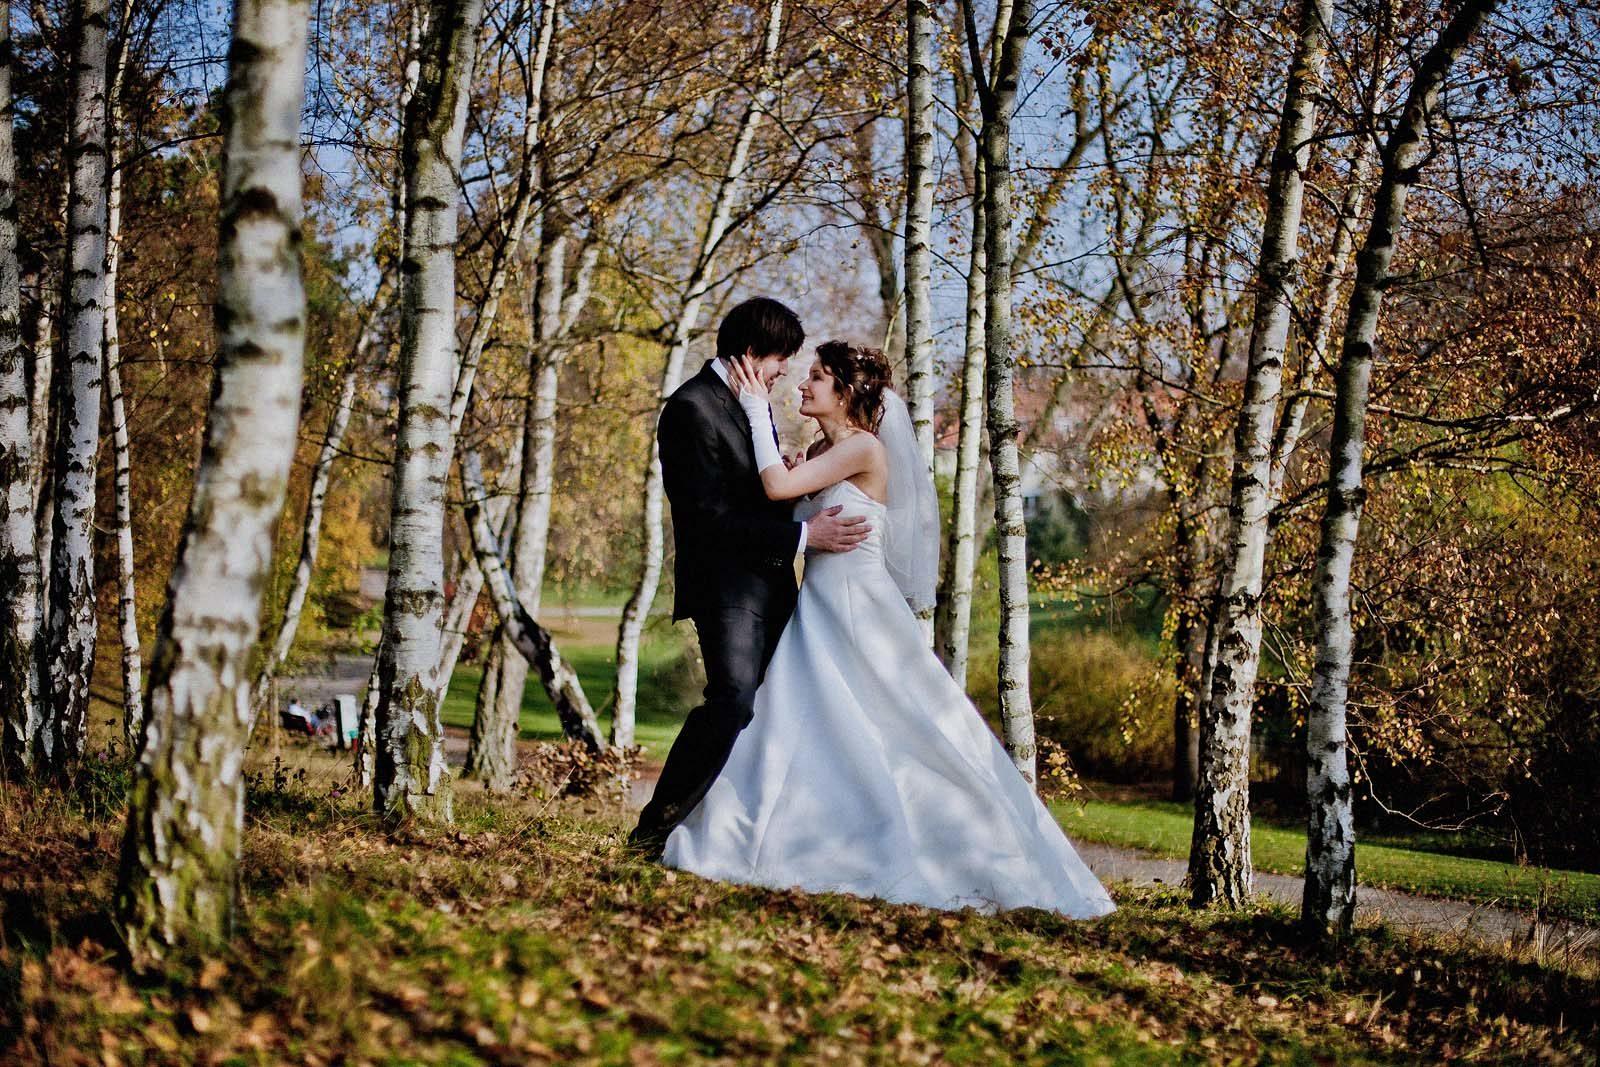 Hochzeitsfotograf Berlin mit einem Brautpaar im Herbst im Standesamt Hochzeitsvilla Zehlendorf